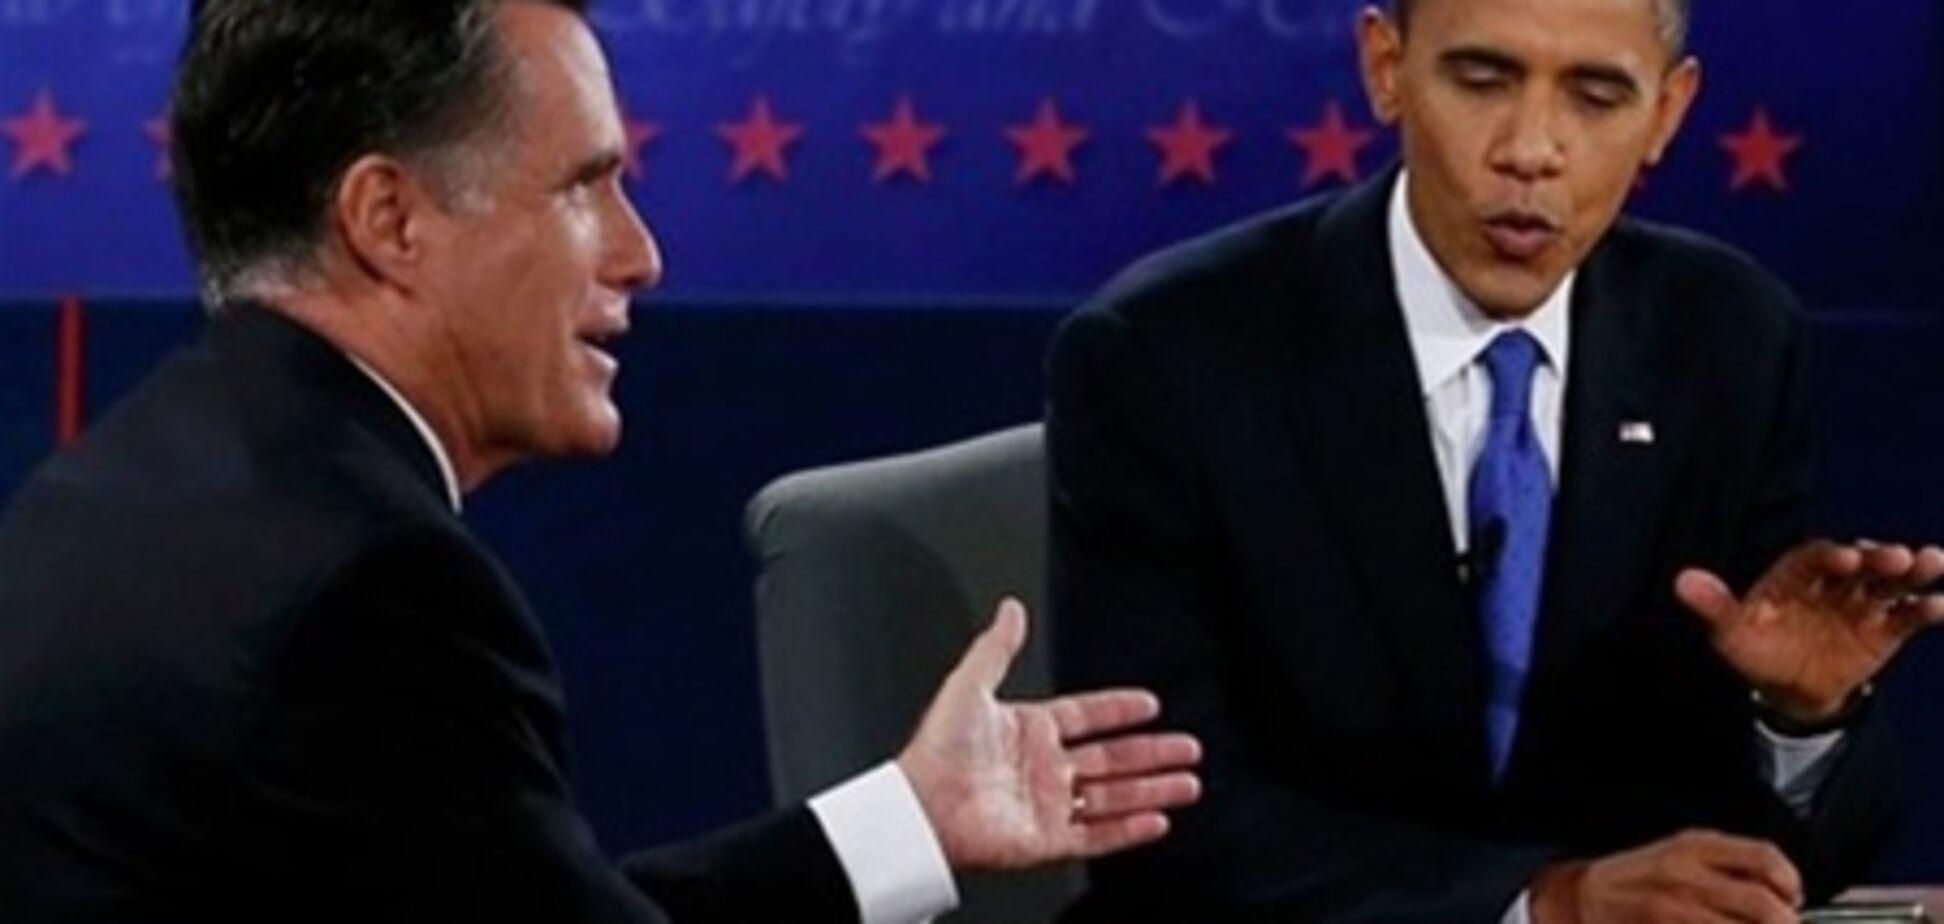 Близнюків, народжених в день виборів у США, назвали Барак і Мітт